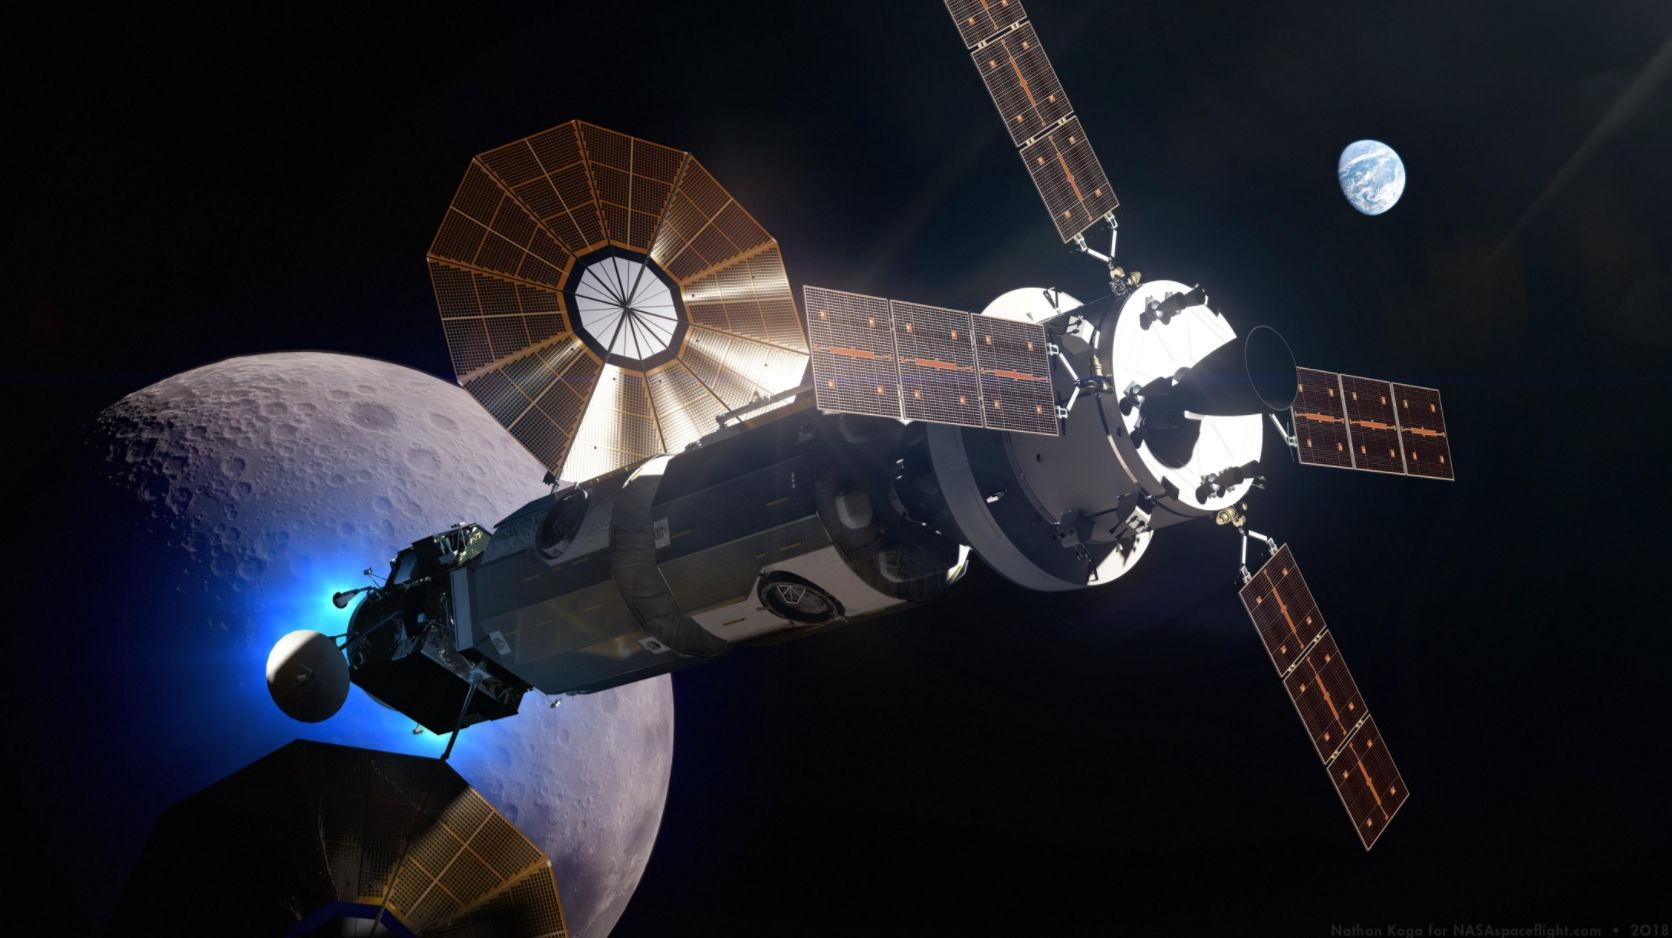 nasa orbital program - HD1672×938